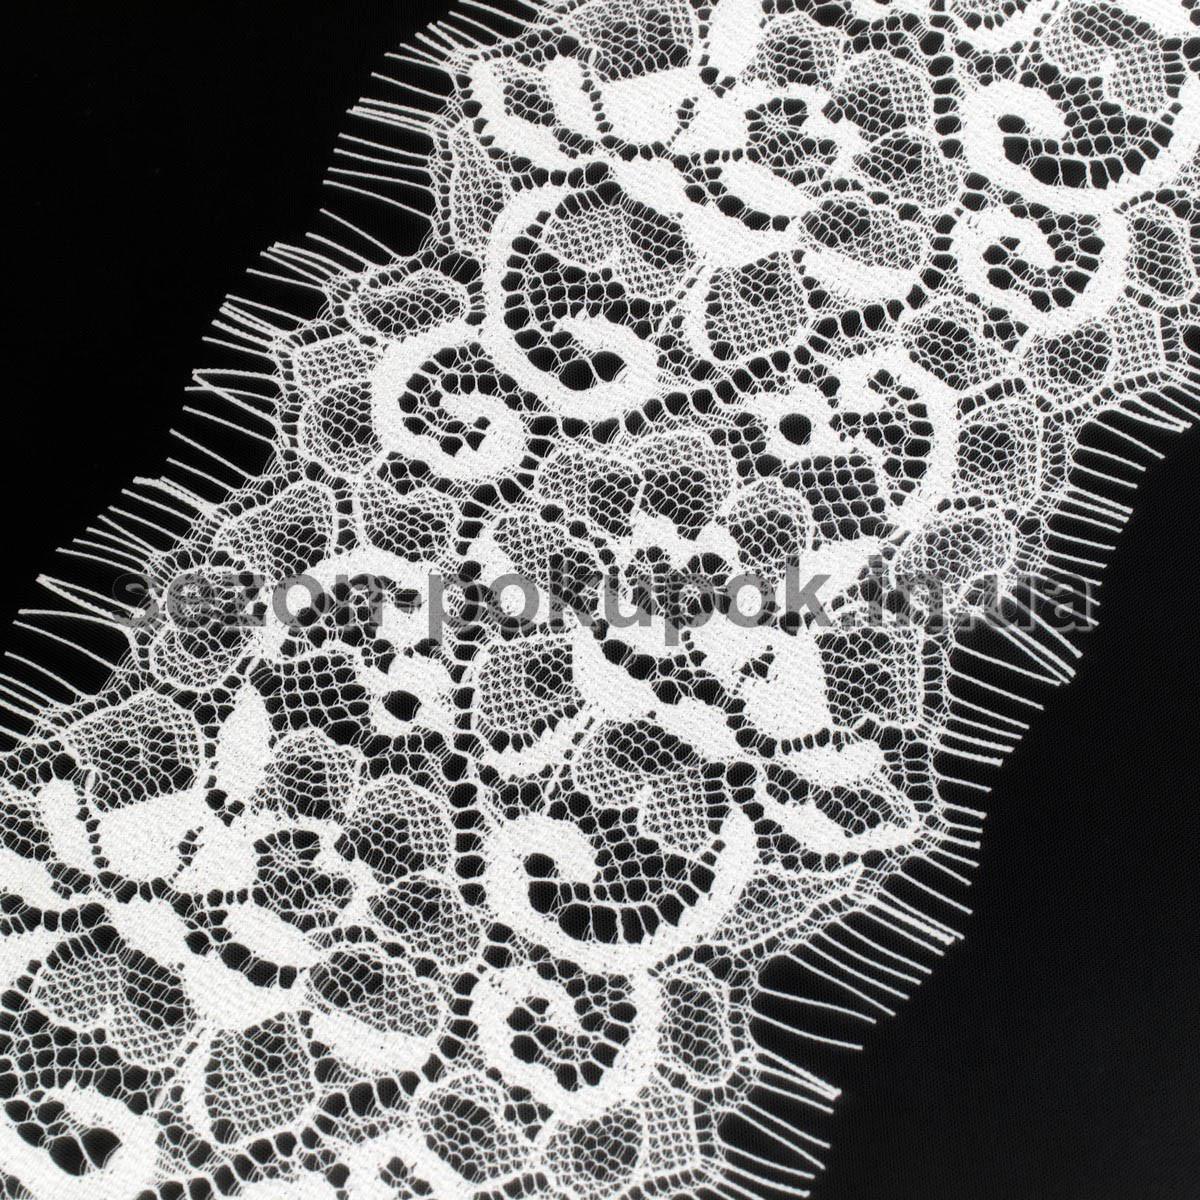 (3 метра) Французское кружево (Шантильи, с ресничками) ширина 9,5см  (цена за 3 м). Цвет - белый